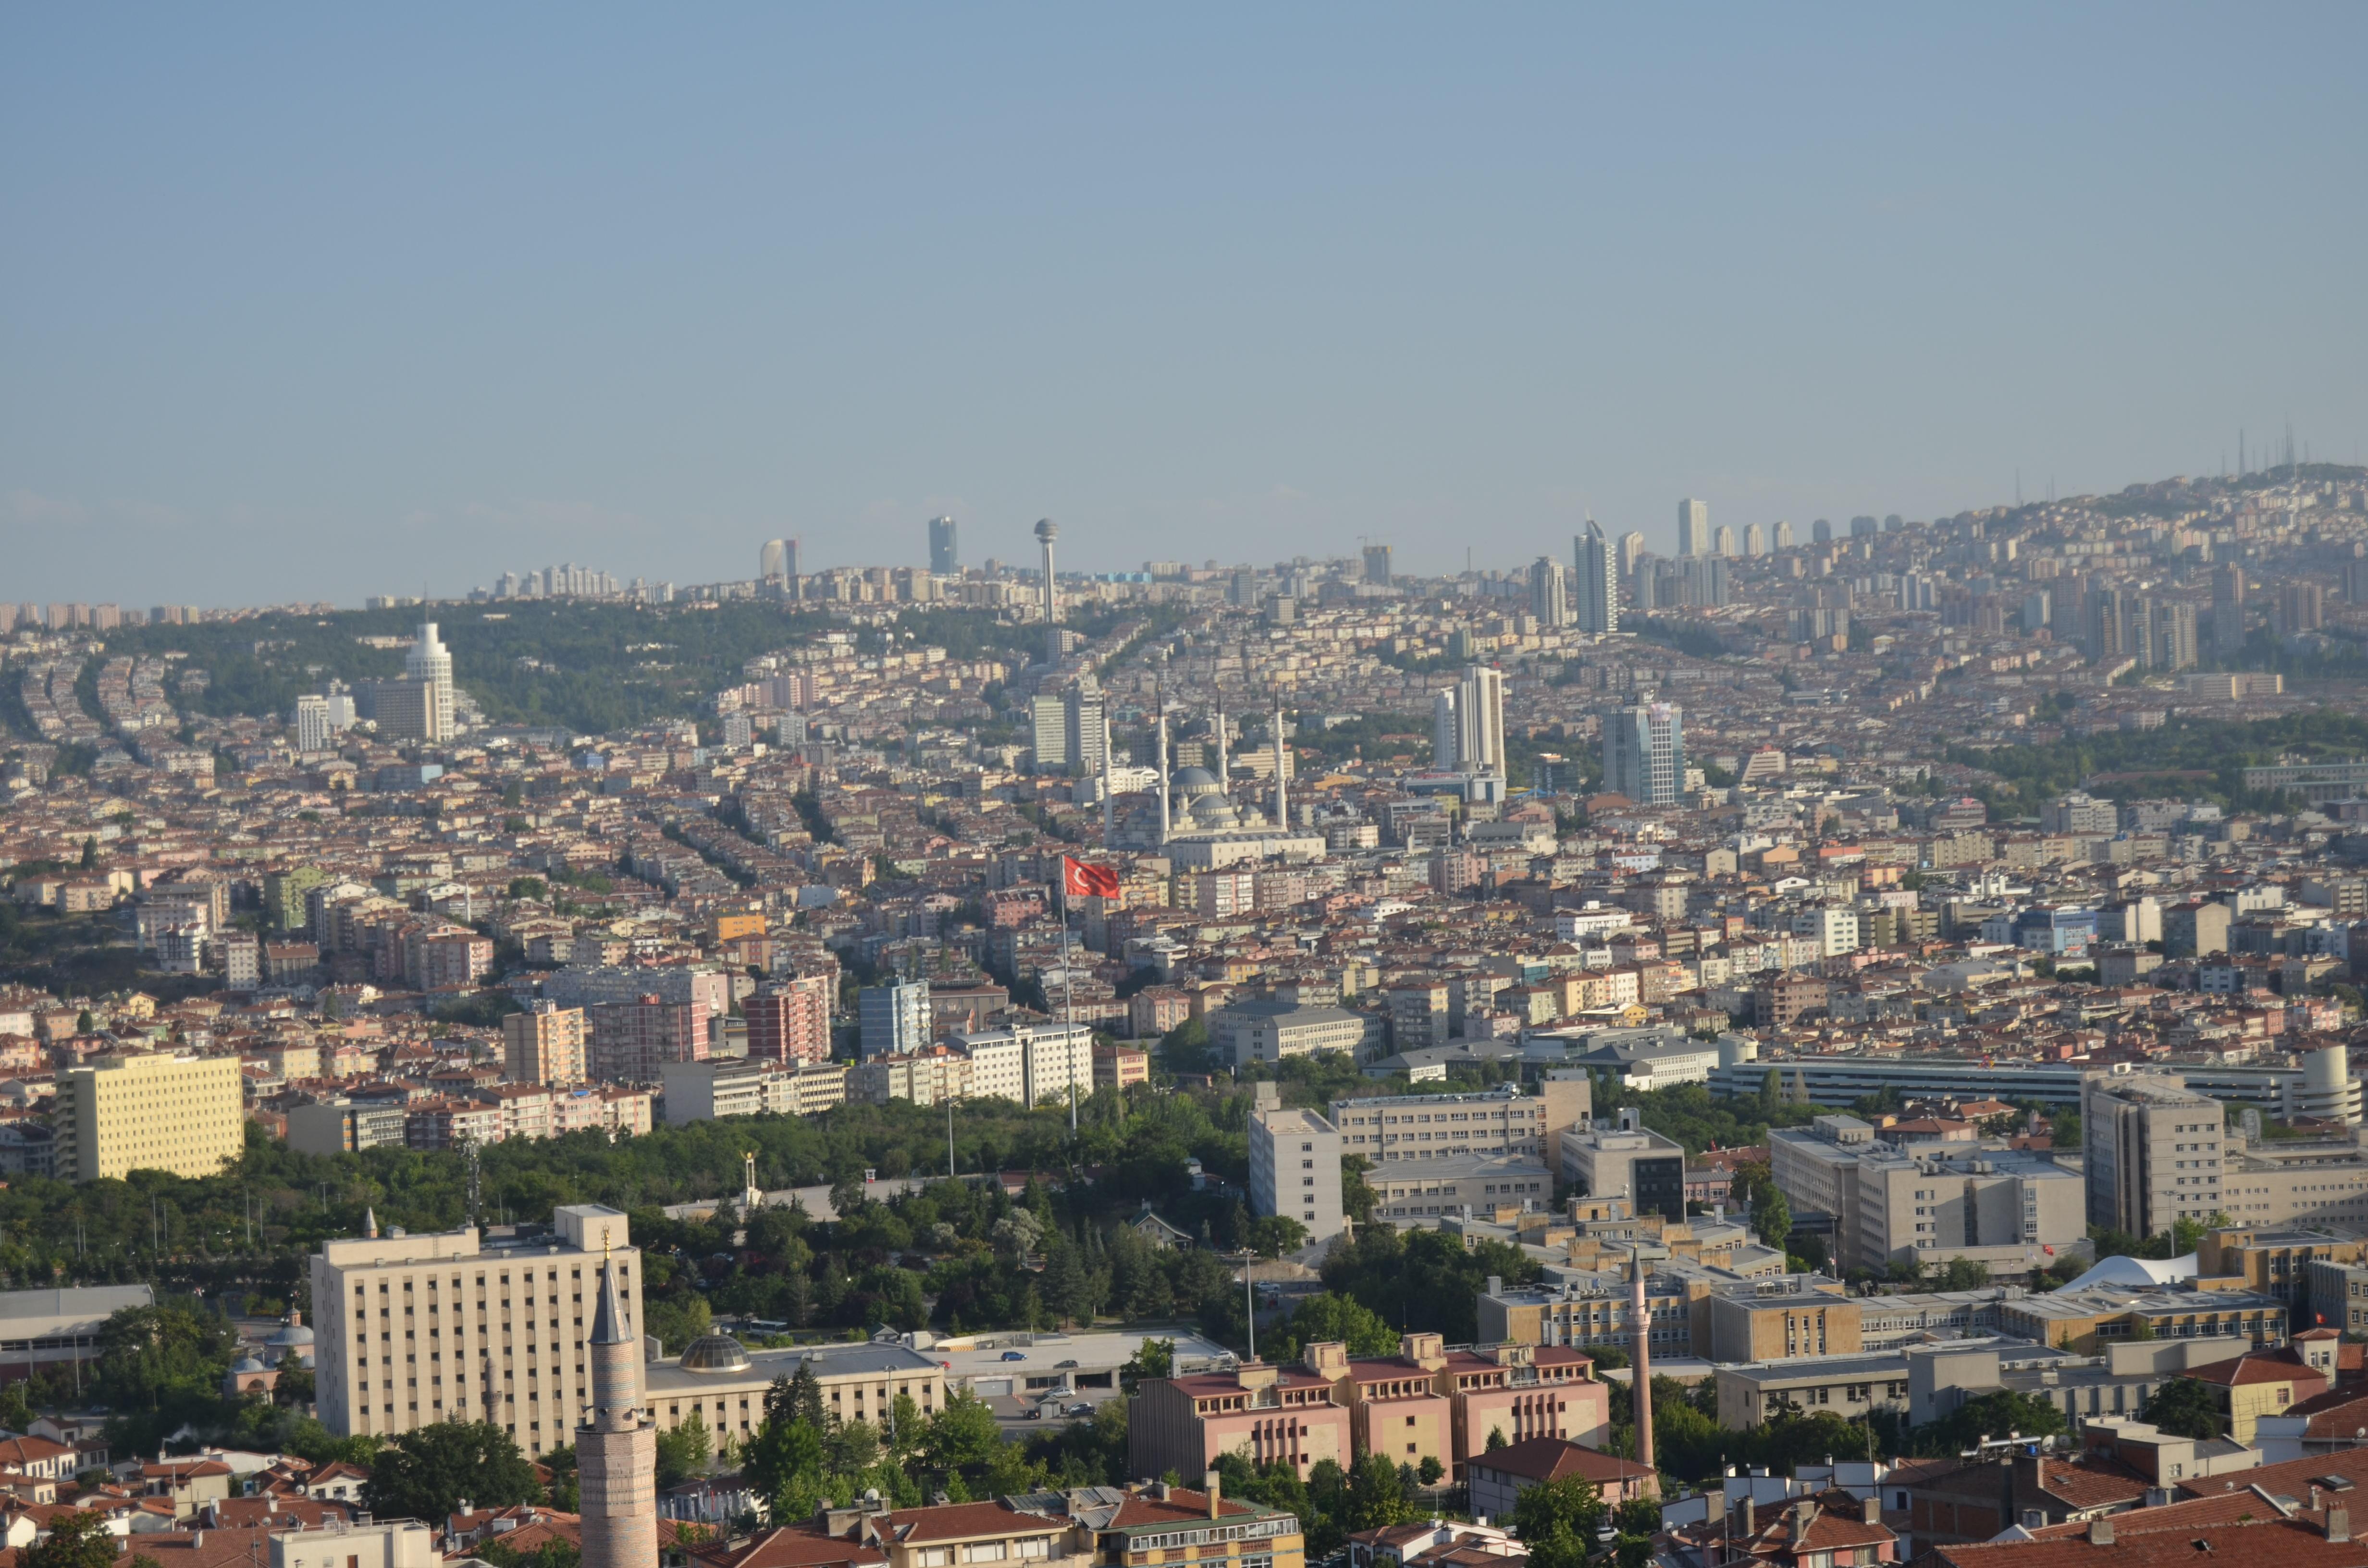 """Ankara je obrovské město s téměř pěti miliony obyvatel. Hrad na vyvýšeném území města, odkud je pořízený tento snímek, je jednou z mála místních atrakcí. I sem už ale moc lidí nezavítá. """"Turisté? Můžu klidně říci, že je jich o sto procent méně,"""" odpovídá na dotaz majitel obchodu se suvenýry pod hradem."""